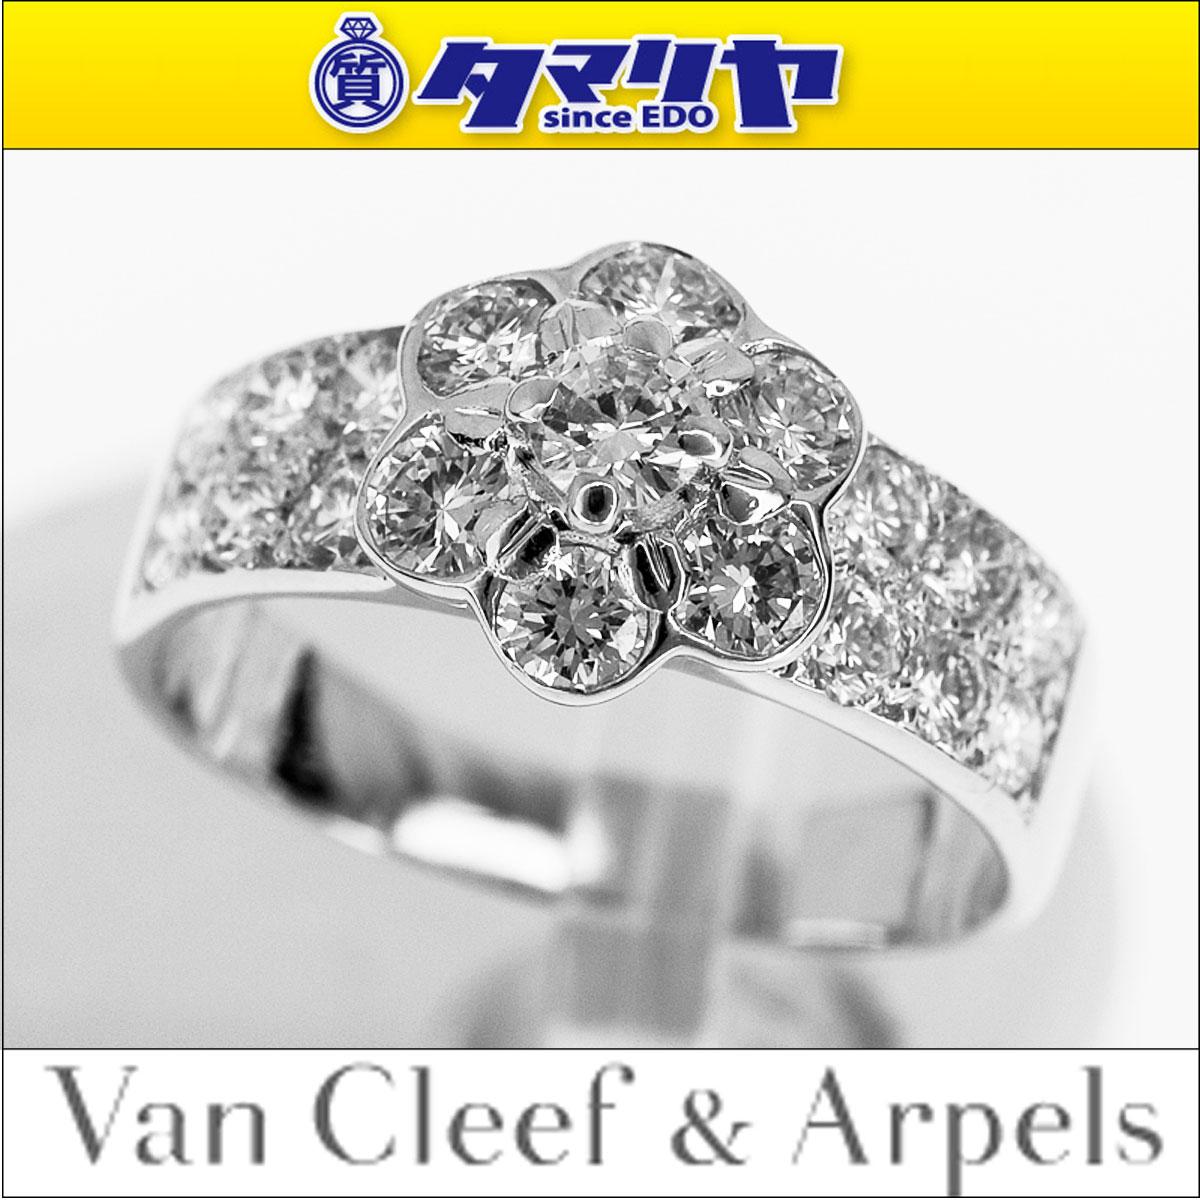 【新品仕上げ】 750 ソクラテス K18WG Van Cleef ヴァンクリーフ アーペル & Arpels 【中古】 & 【証明書付き】 18金 リング #47 ダイヤ